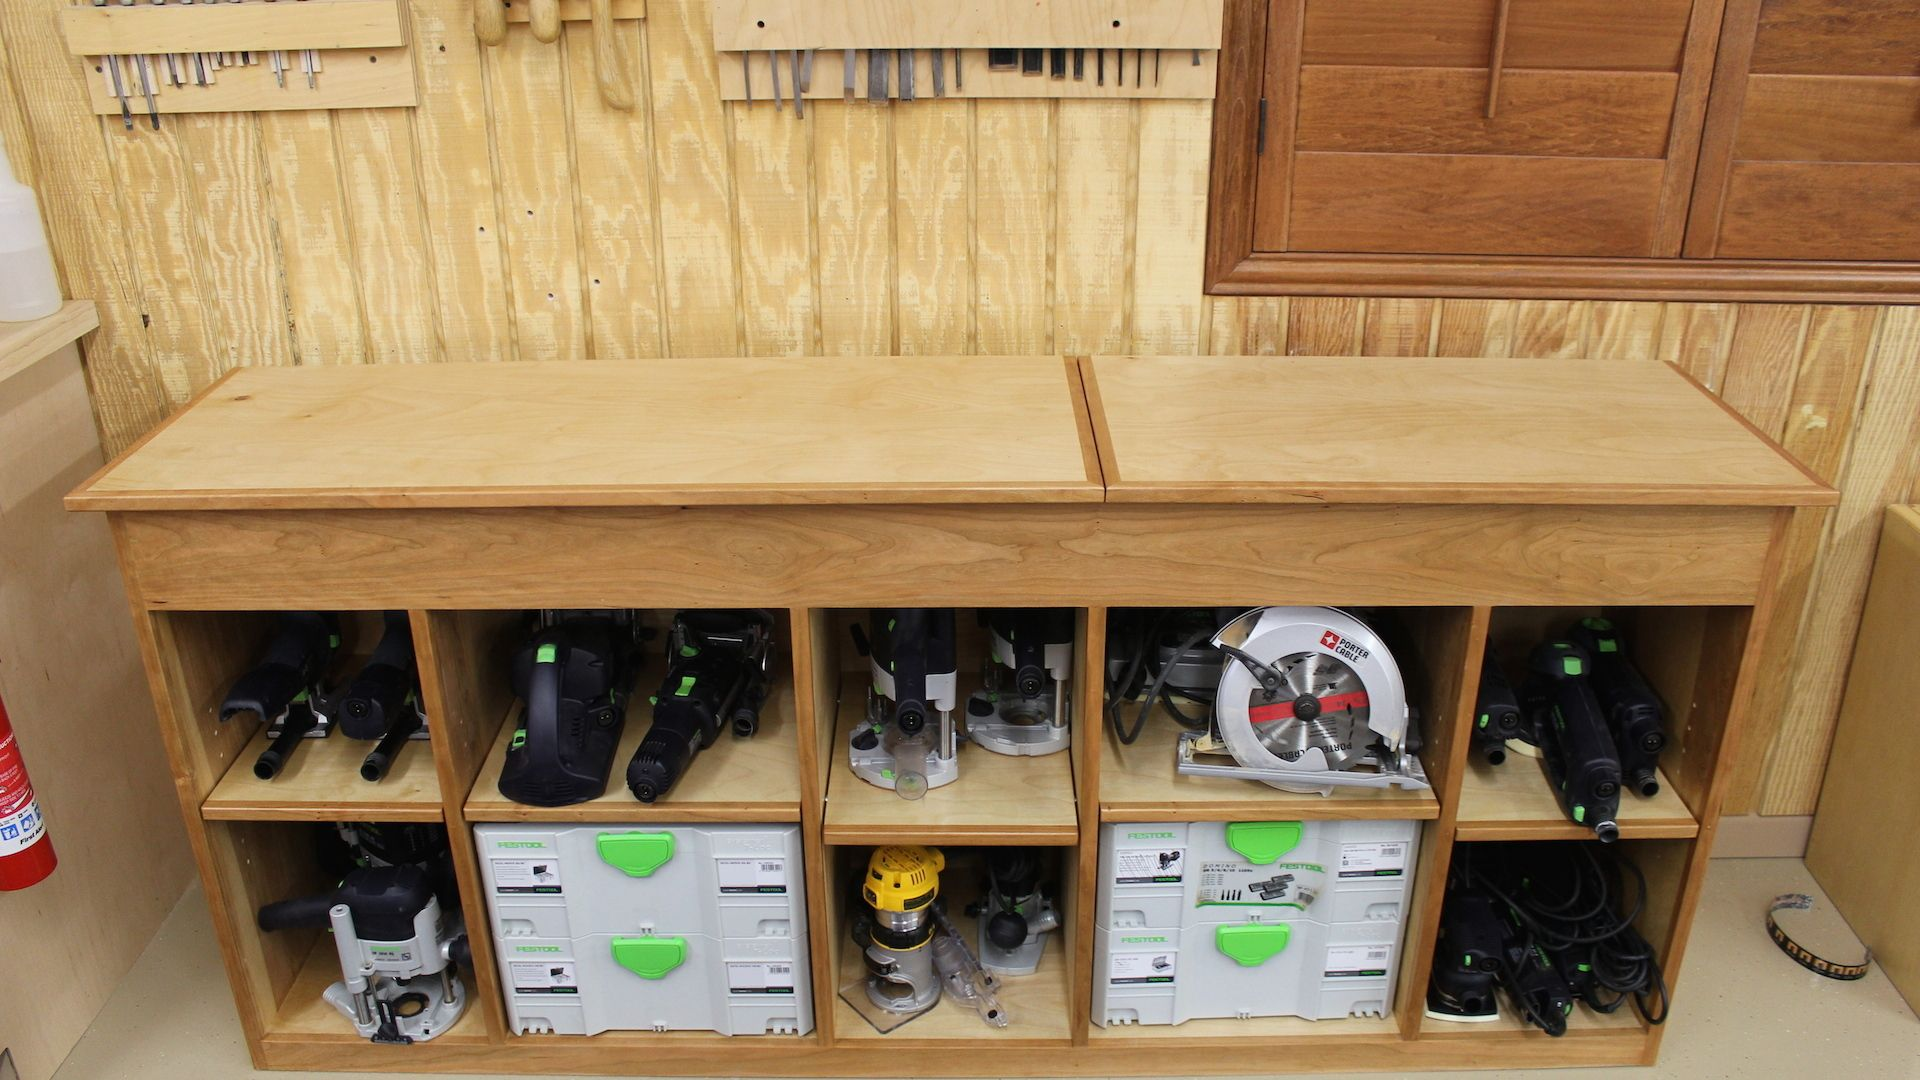 217 Tool Storage Cabinet Tool Storage Cabinets Tool Storage